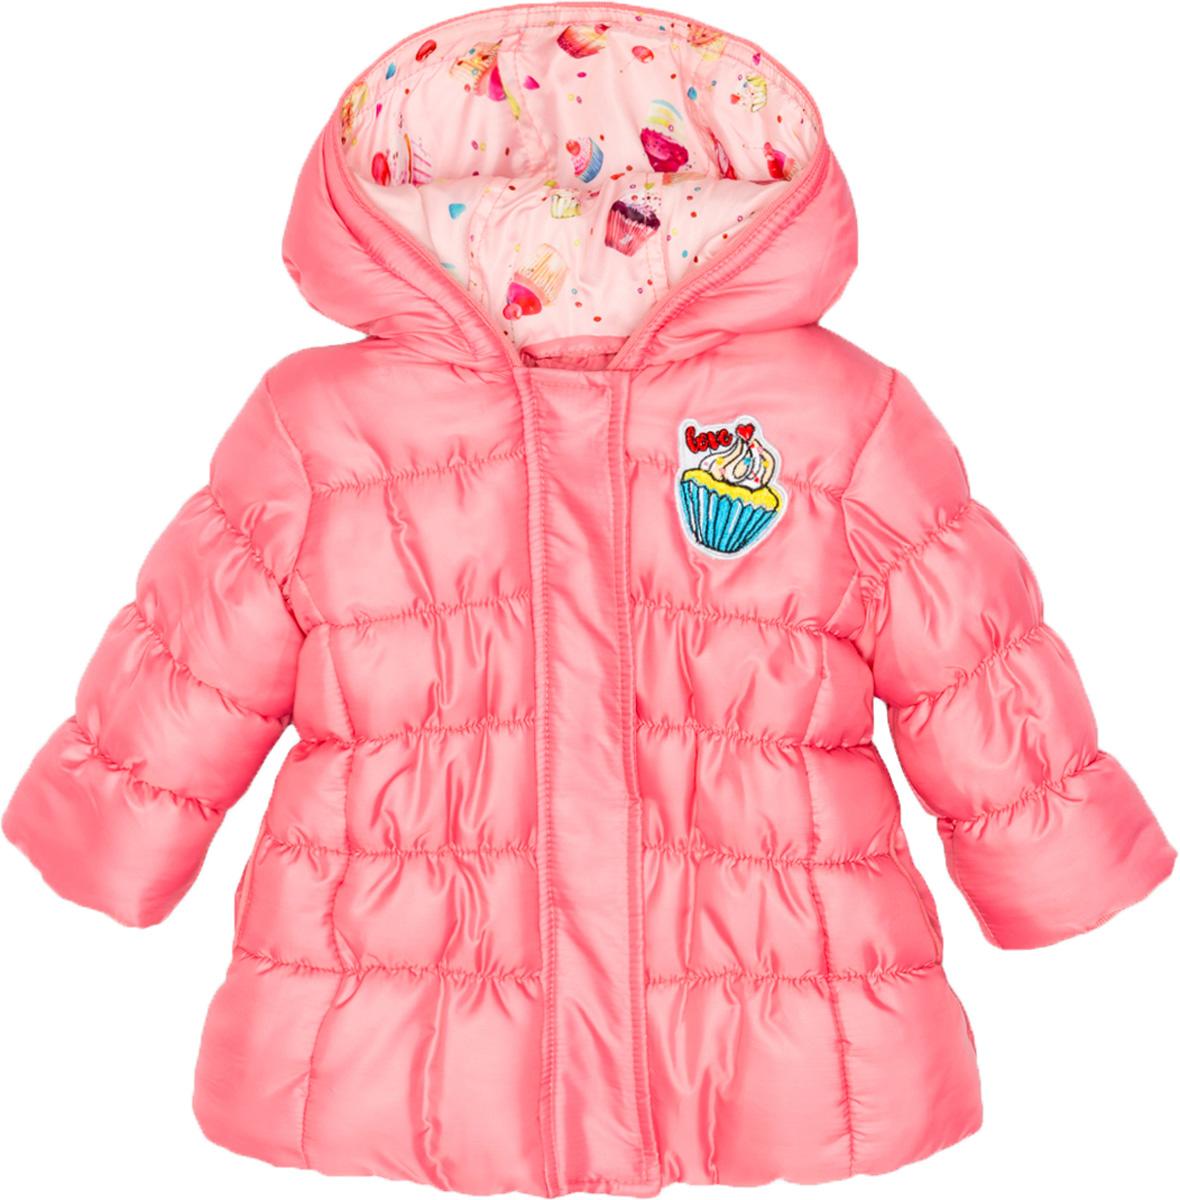 Куртка для девочки Maloo by Acoola Vulpix, цвет: розовый. 22250130008_1400. Размер 8622250130008_1400Стеганая куртка для девочки Maloo by Acoola Vulpix, оформленная яркой нашивкой, станет отличным дополнением гардероба маленькой принцессы. Модель А-силуэта с несъемным капюшоном выполнена из качественного материала и застегивается на молнию с ветрозащитной планкой на кнопках.